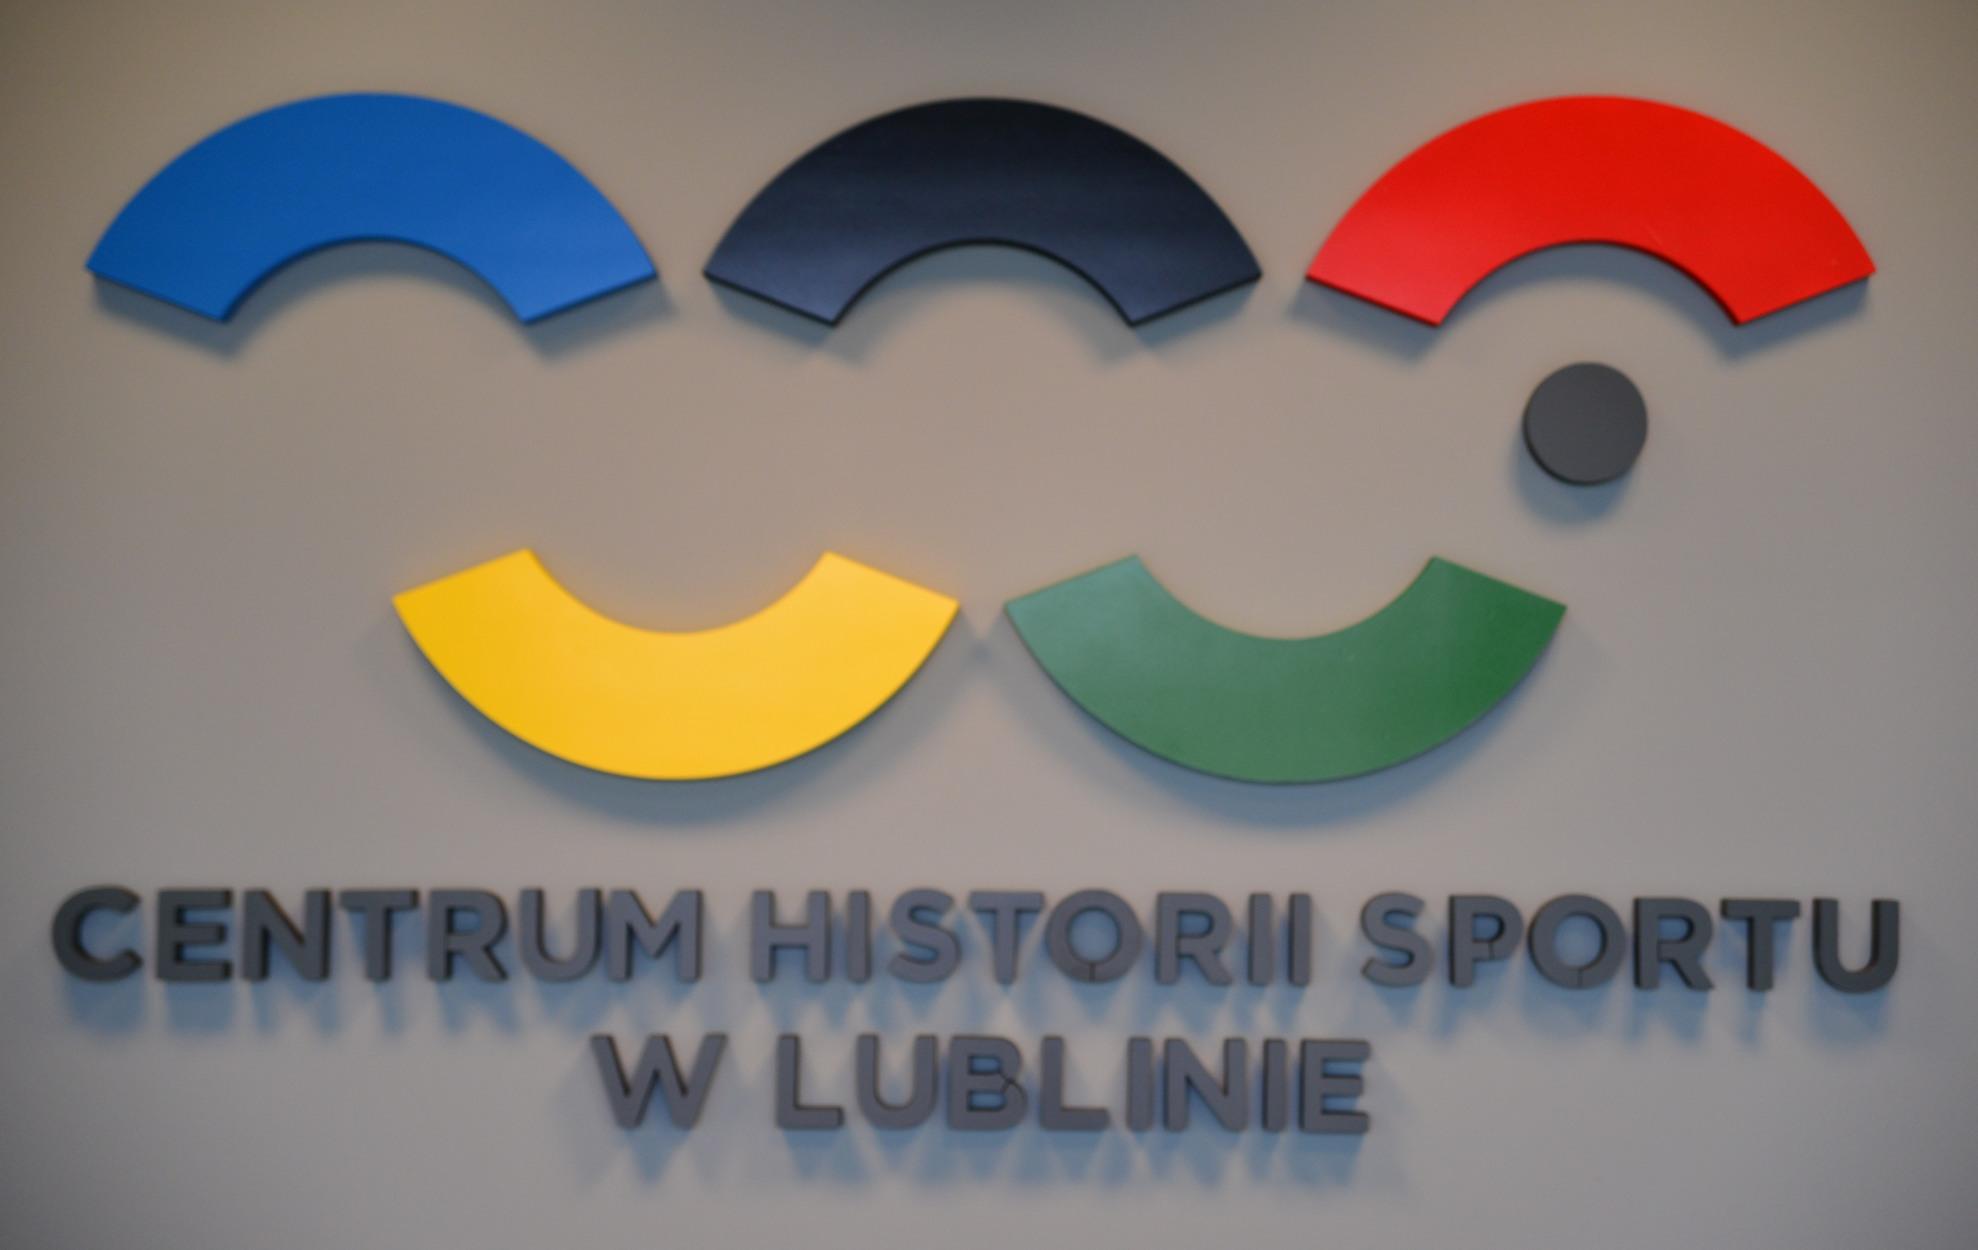 Otwarto Centrum Historii Sportu w Lublinie